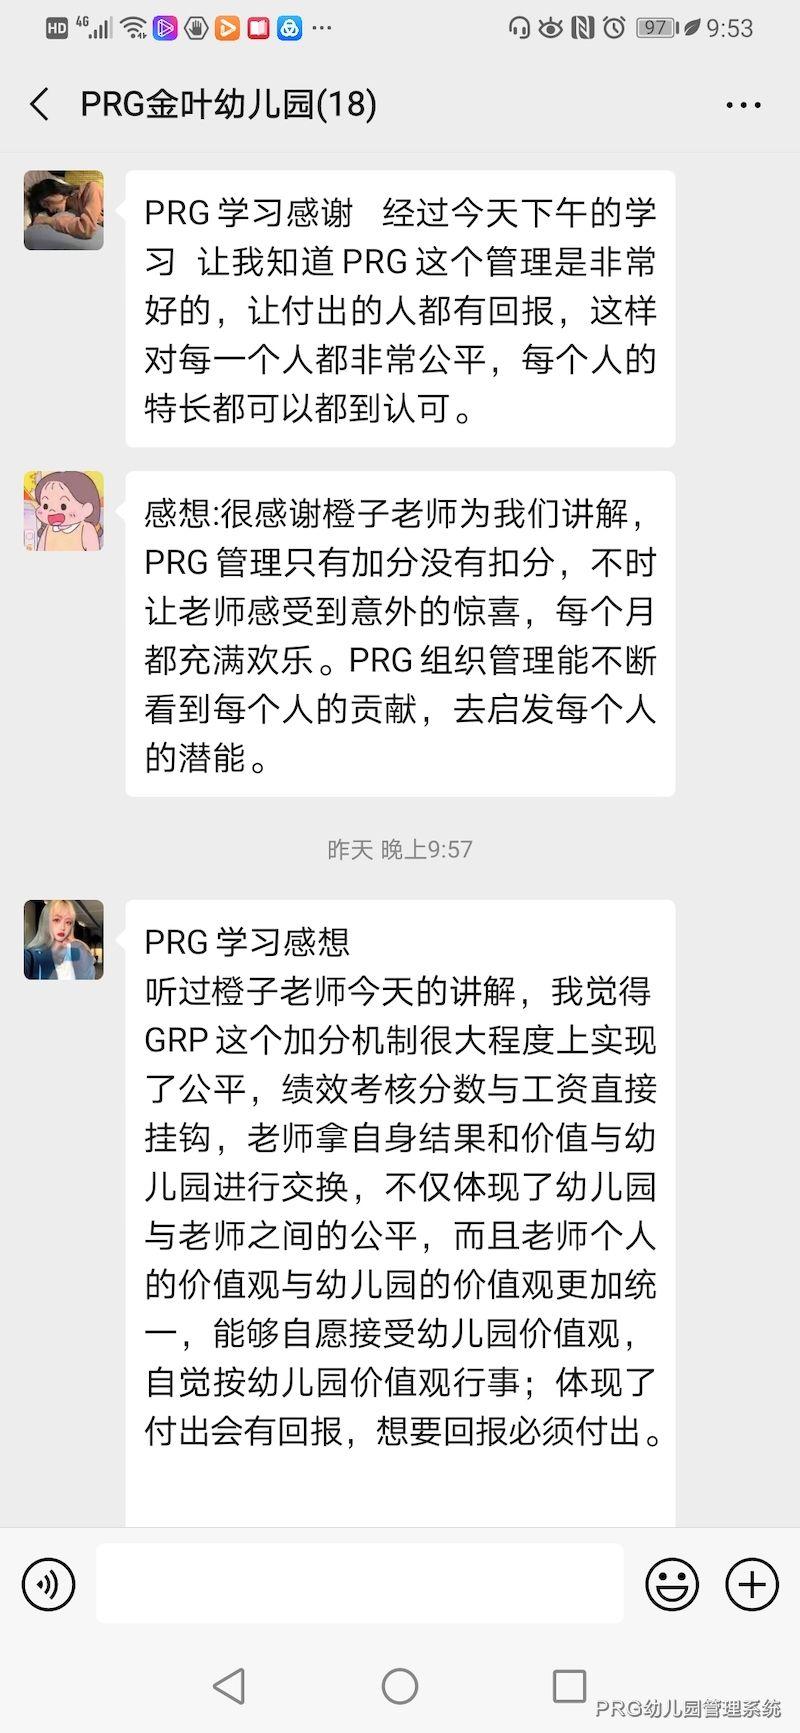 阜阳市金叶幼儿园PRG<a href=https://www.xiaoxianprg.com/ target=_blank class=infotextkey>幼儿园管理系统</a>学习感言分享2